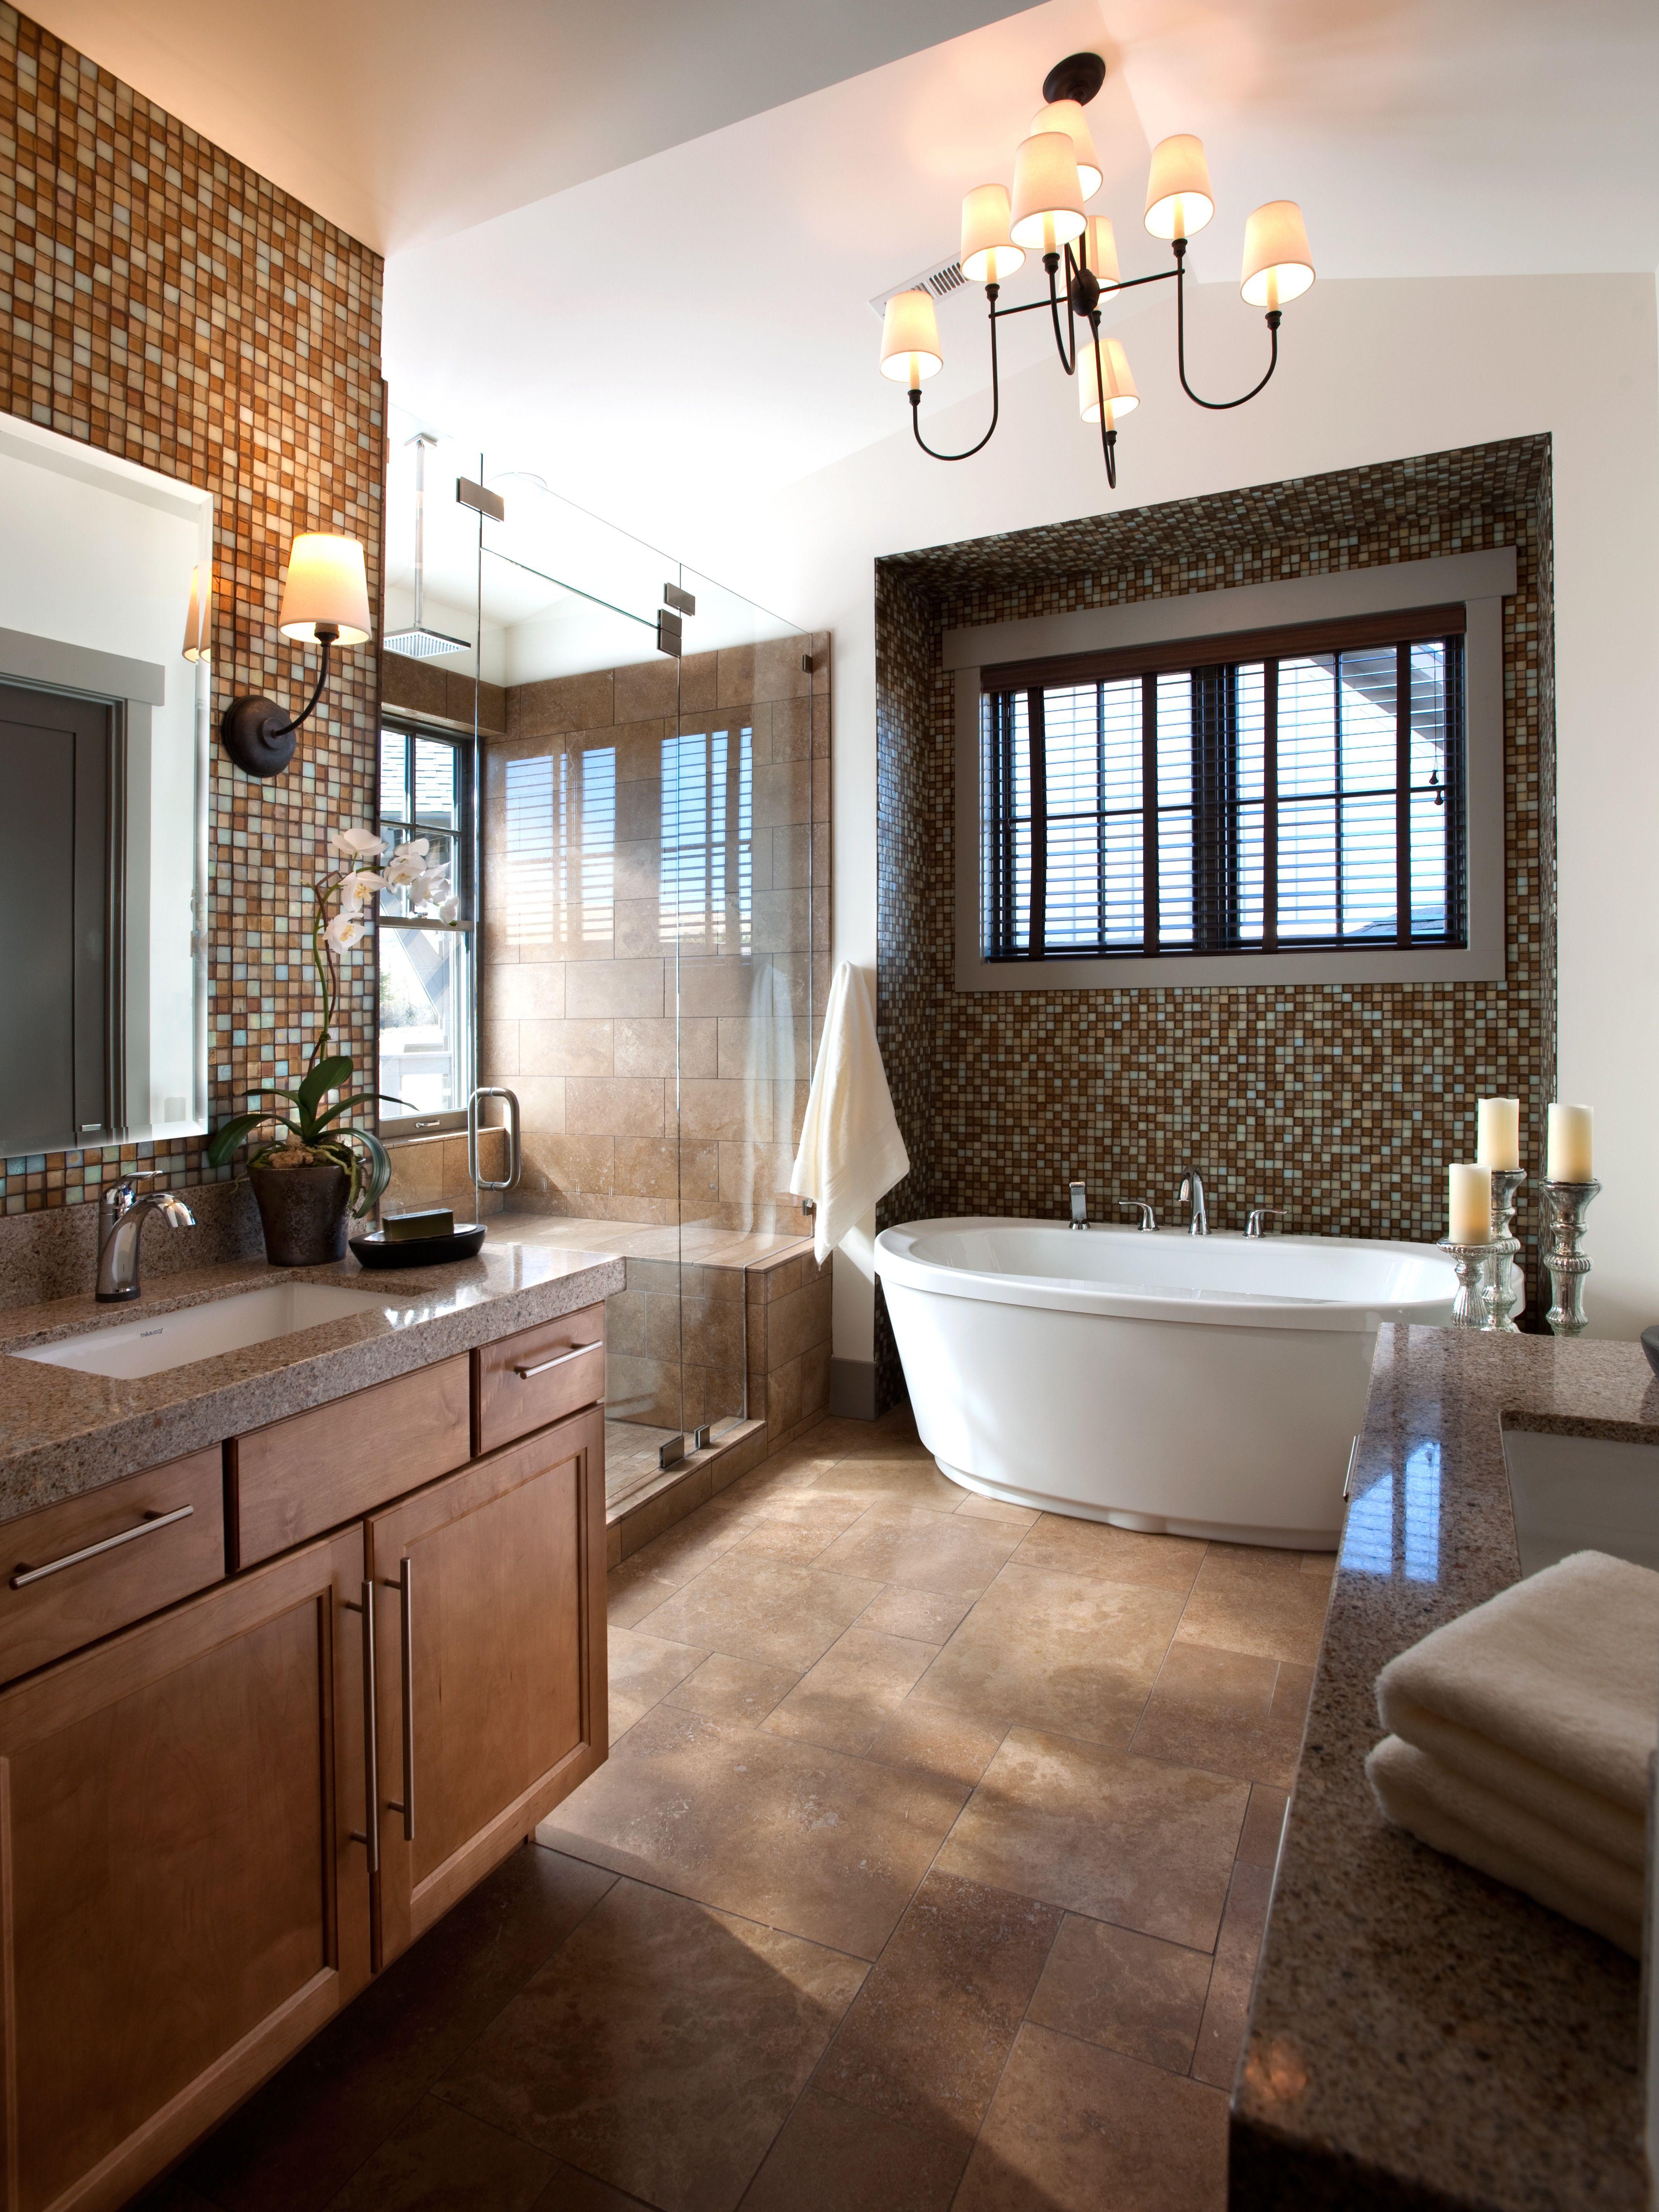 Badezimmer dekor mit fliesen bad fliesen designs verwandeln ein badezimmer  badezimmer  pinterest